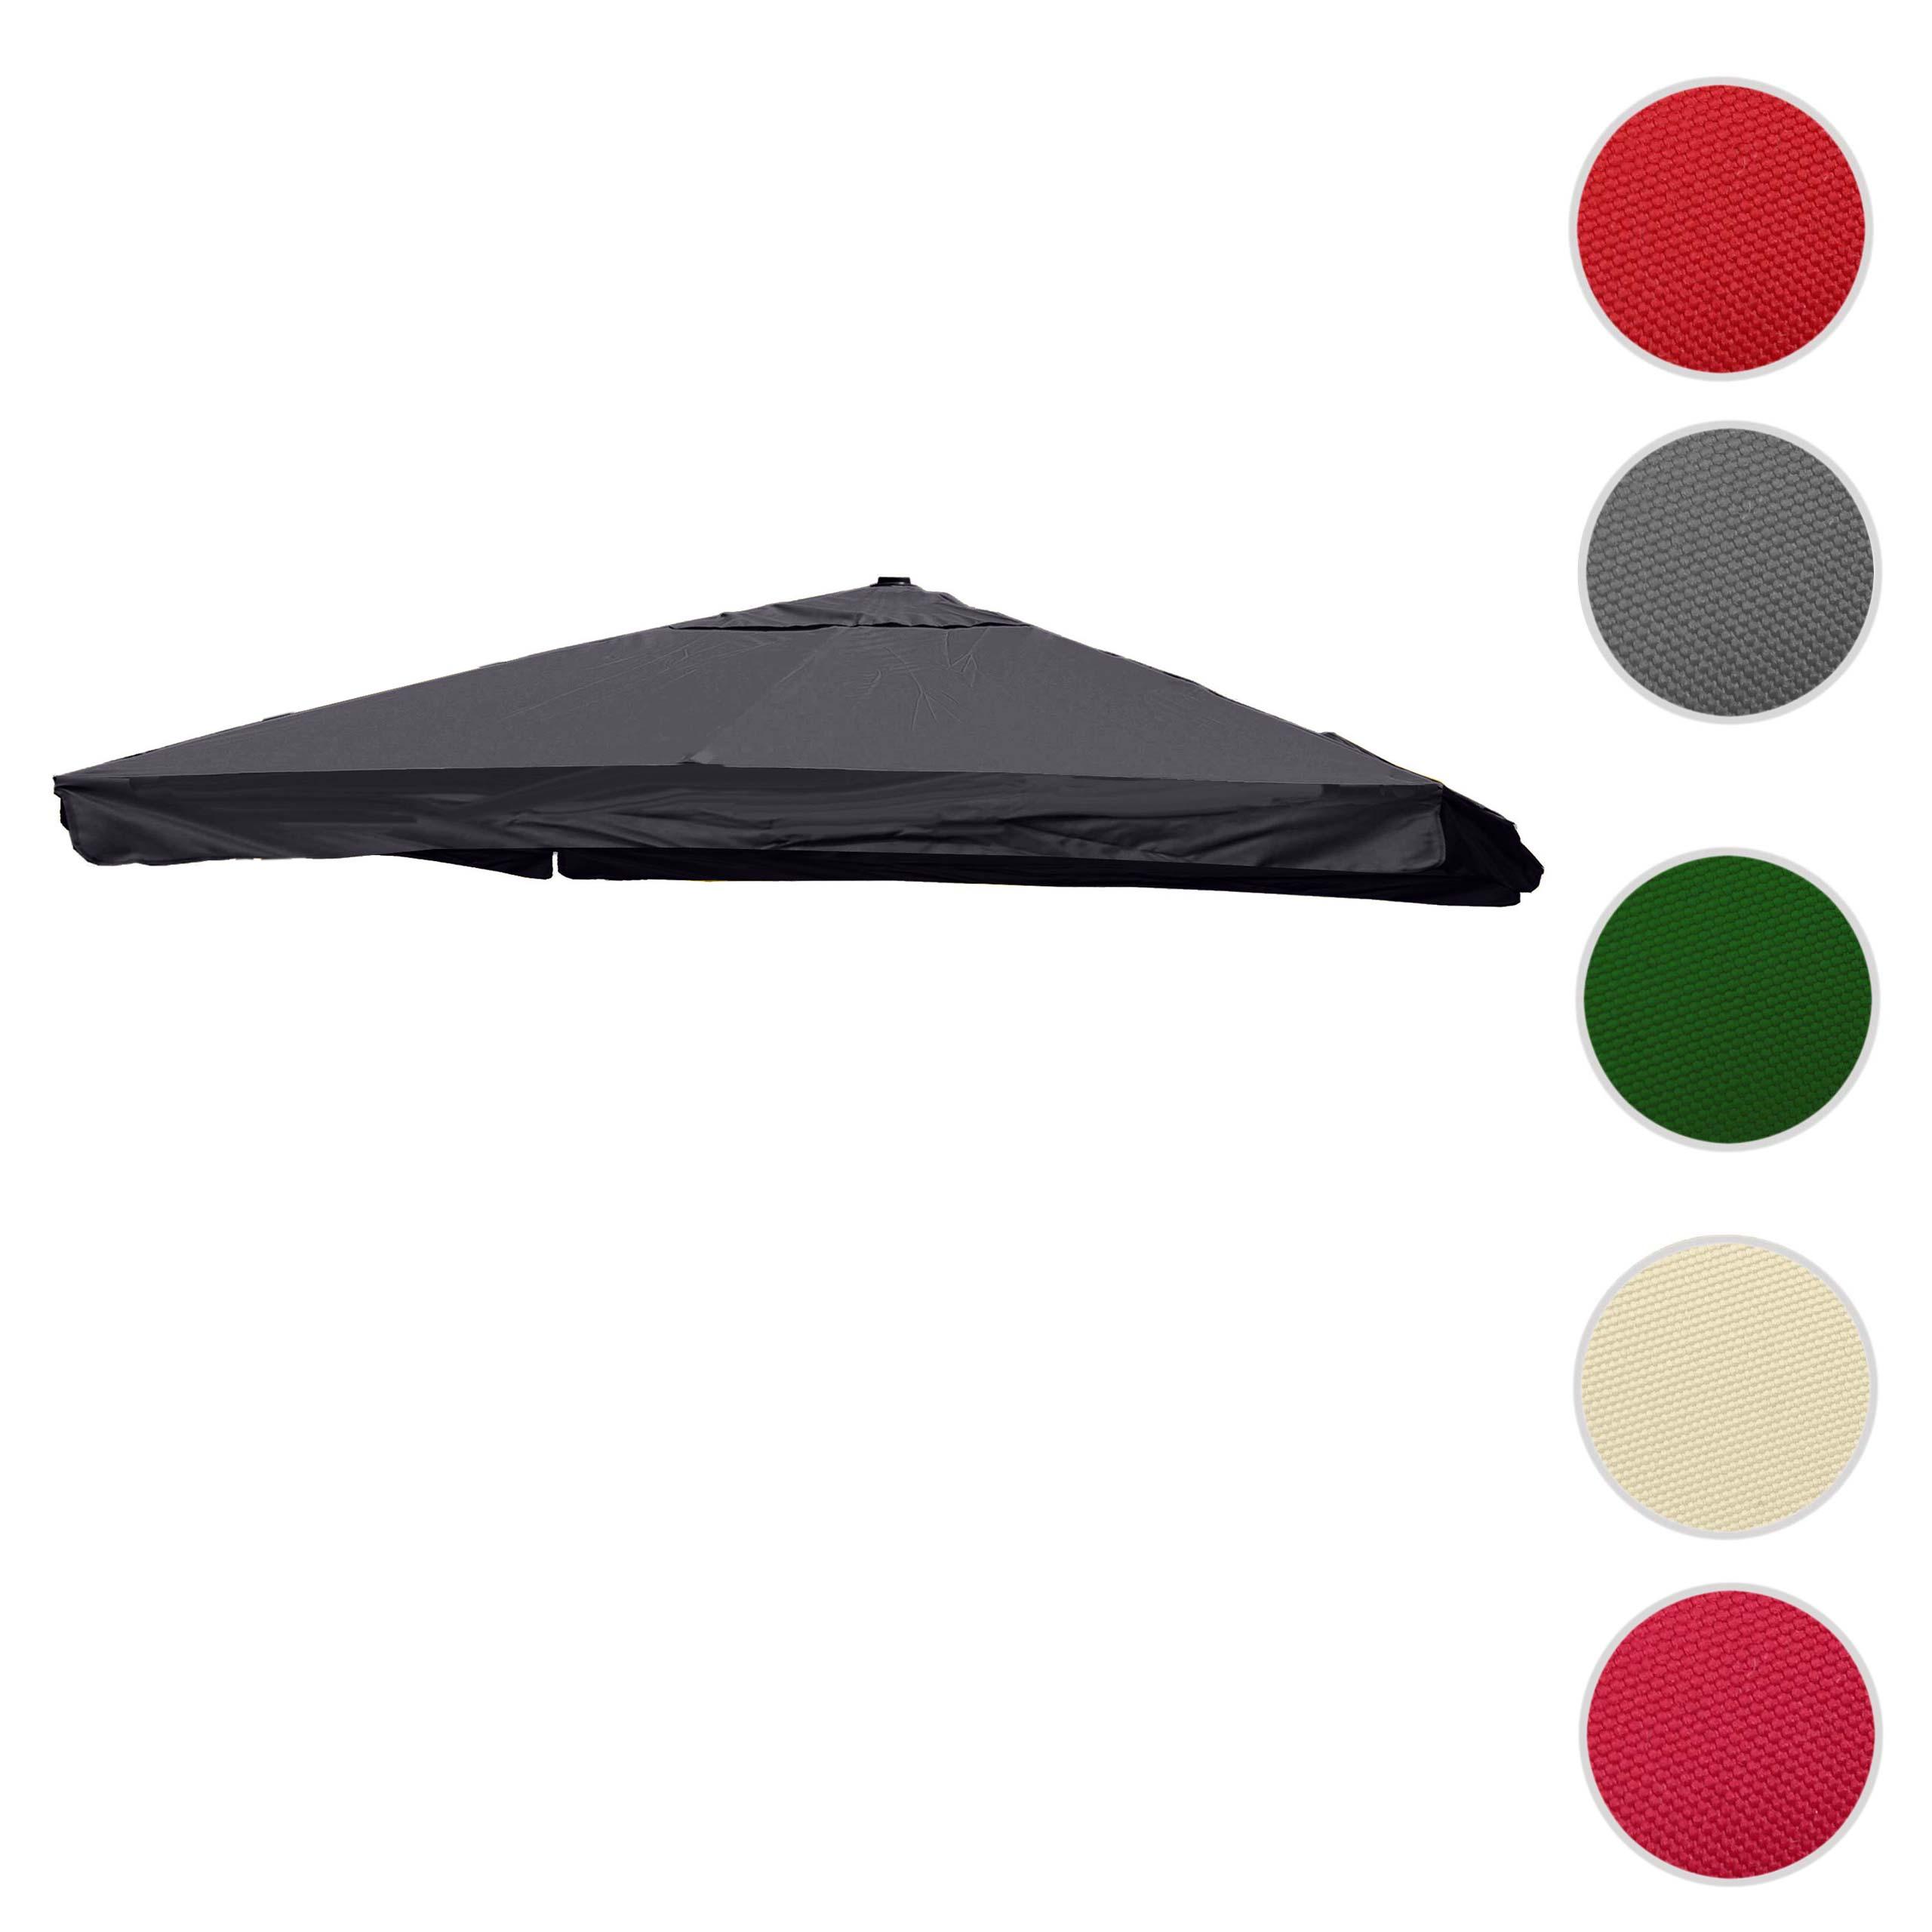 Mendler Bezug für Luxus-Ampelschirm HWC-A96 mit Flap, Sonnenschirmbezug Ersatzbezug, 3x3m (Ř4,24m) Polyester 70116